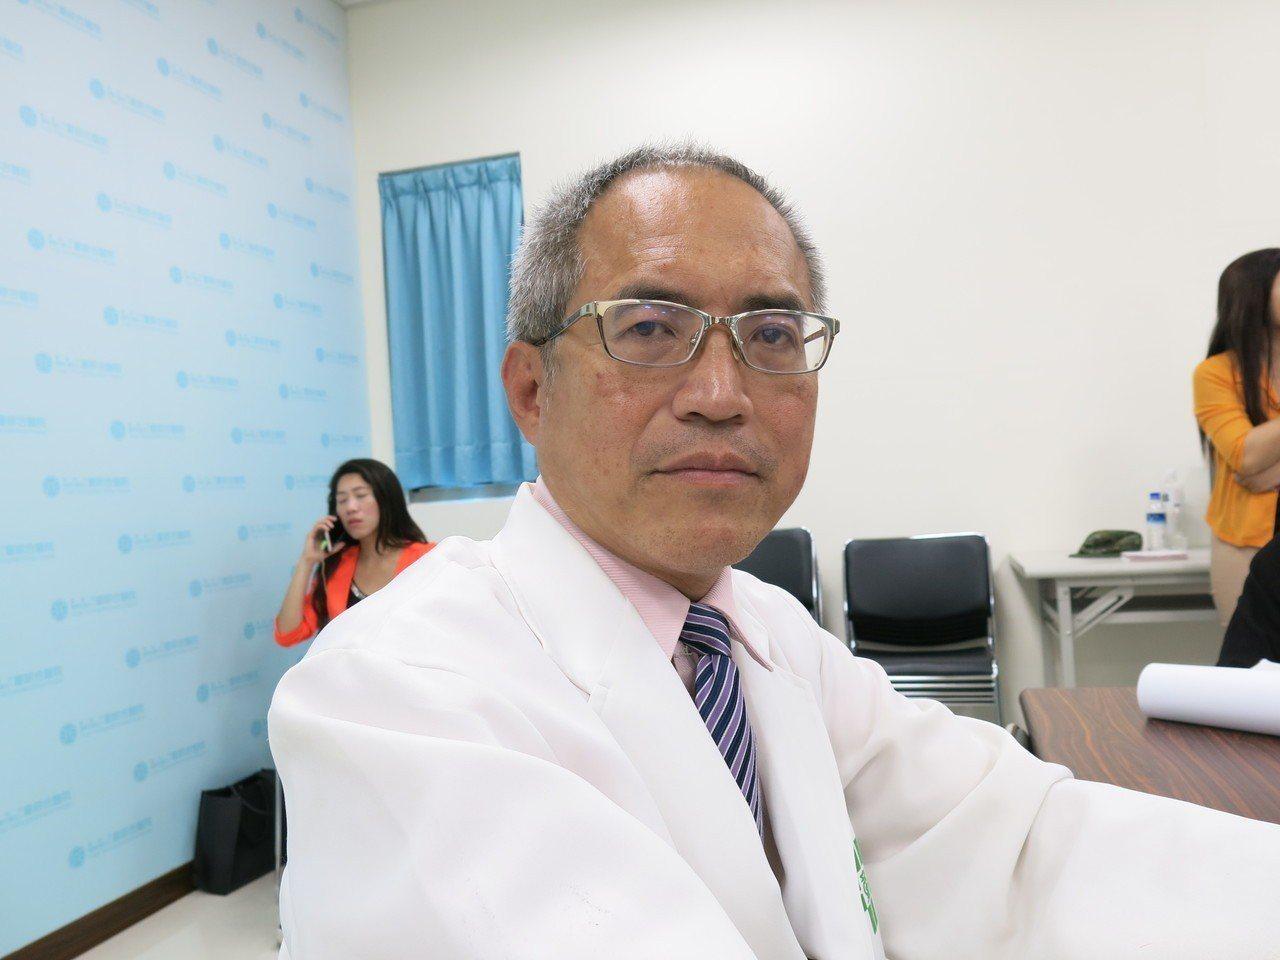 童綜合急診部執行長盧立華表示,上兵秦良丰的恢復情況超乎預期良好。記者黑中亮/攝影